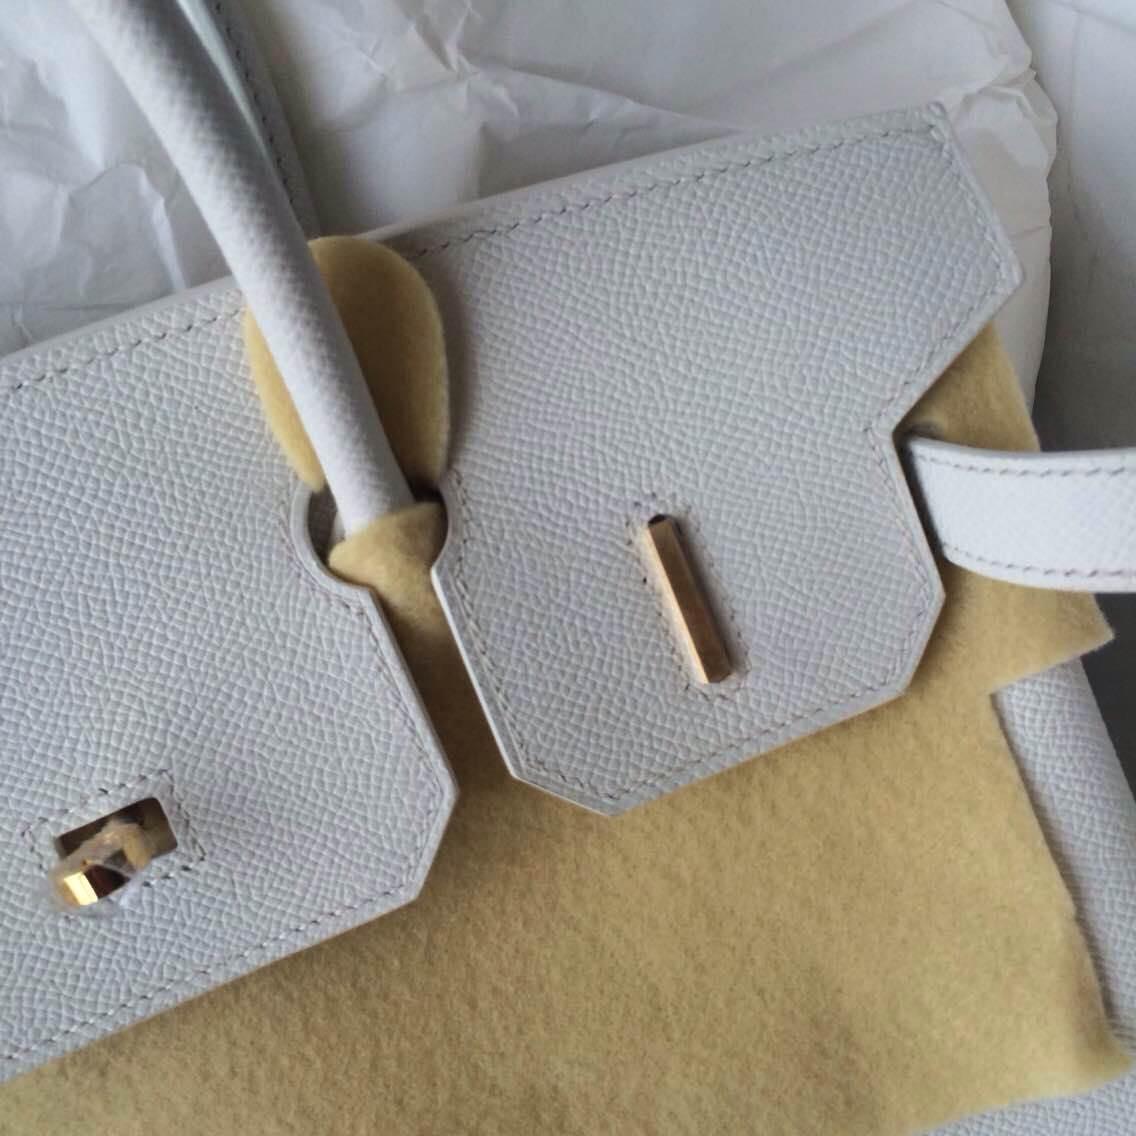 Discount Hermes Birkin Bag White/5P Pink France Epsom Leather Gold Hardware